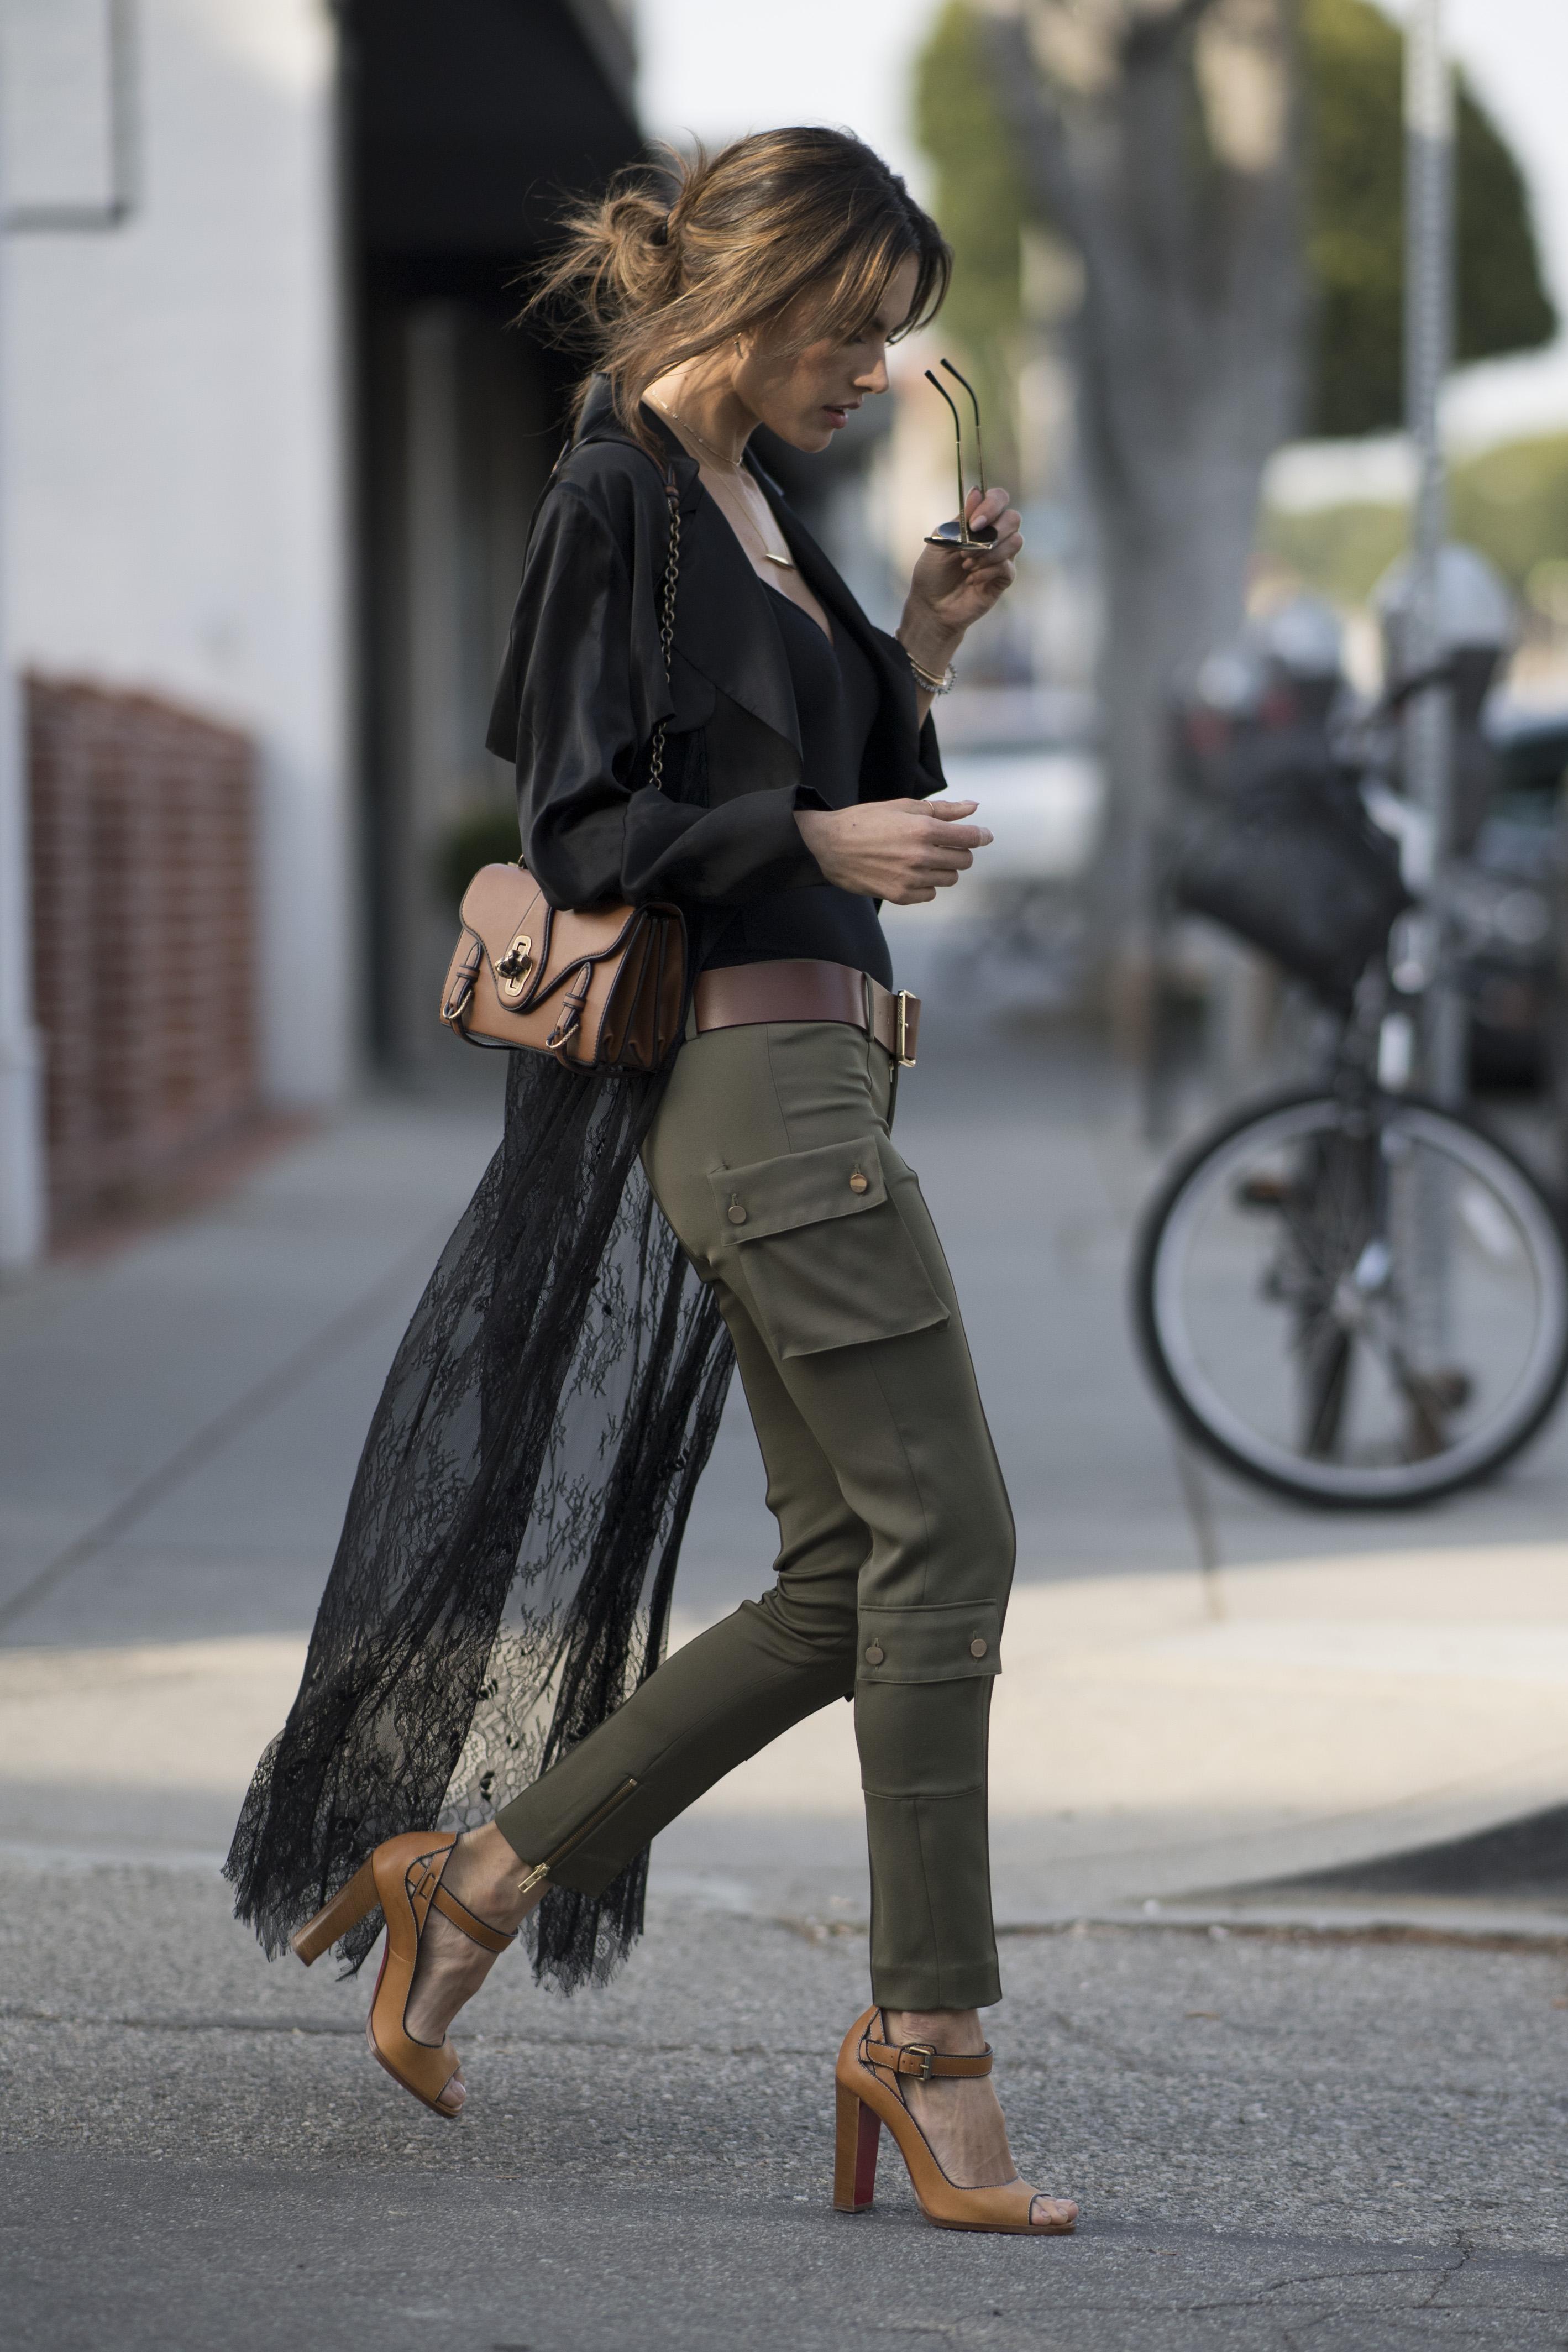 Người mẫu Alessandra Ambrosio với túi xách 50th Anniversary của Bottega Veneta.